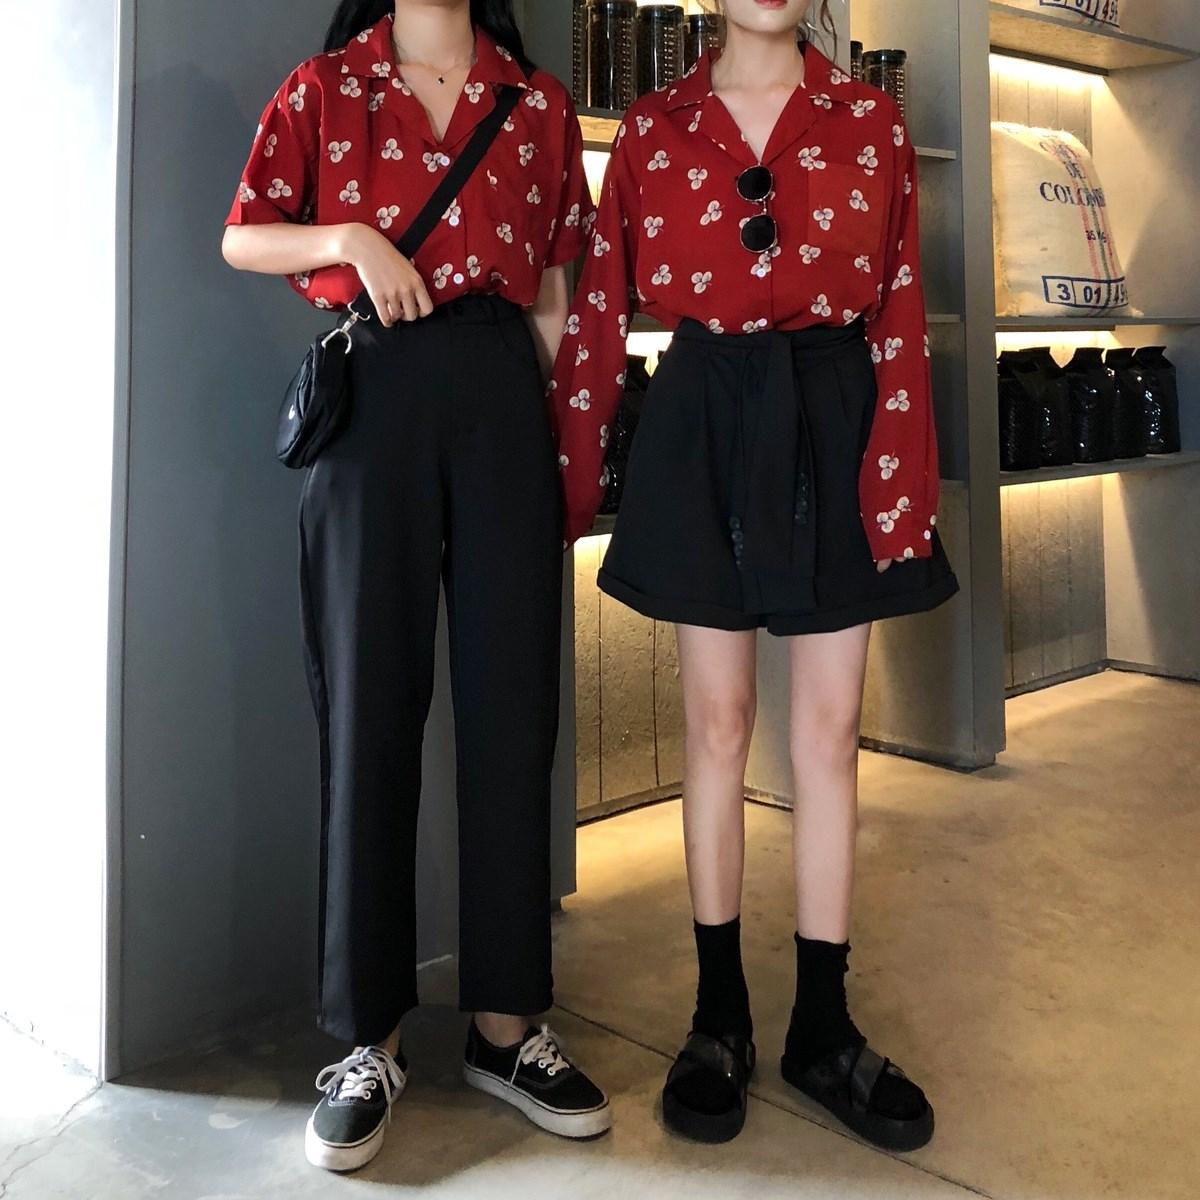 韩版时尚休闲套装春季女装闺蜜碎花衬衫+高腰阔腿裤休闲裤两件套